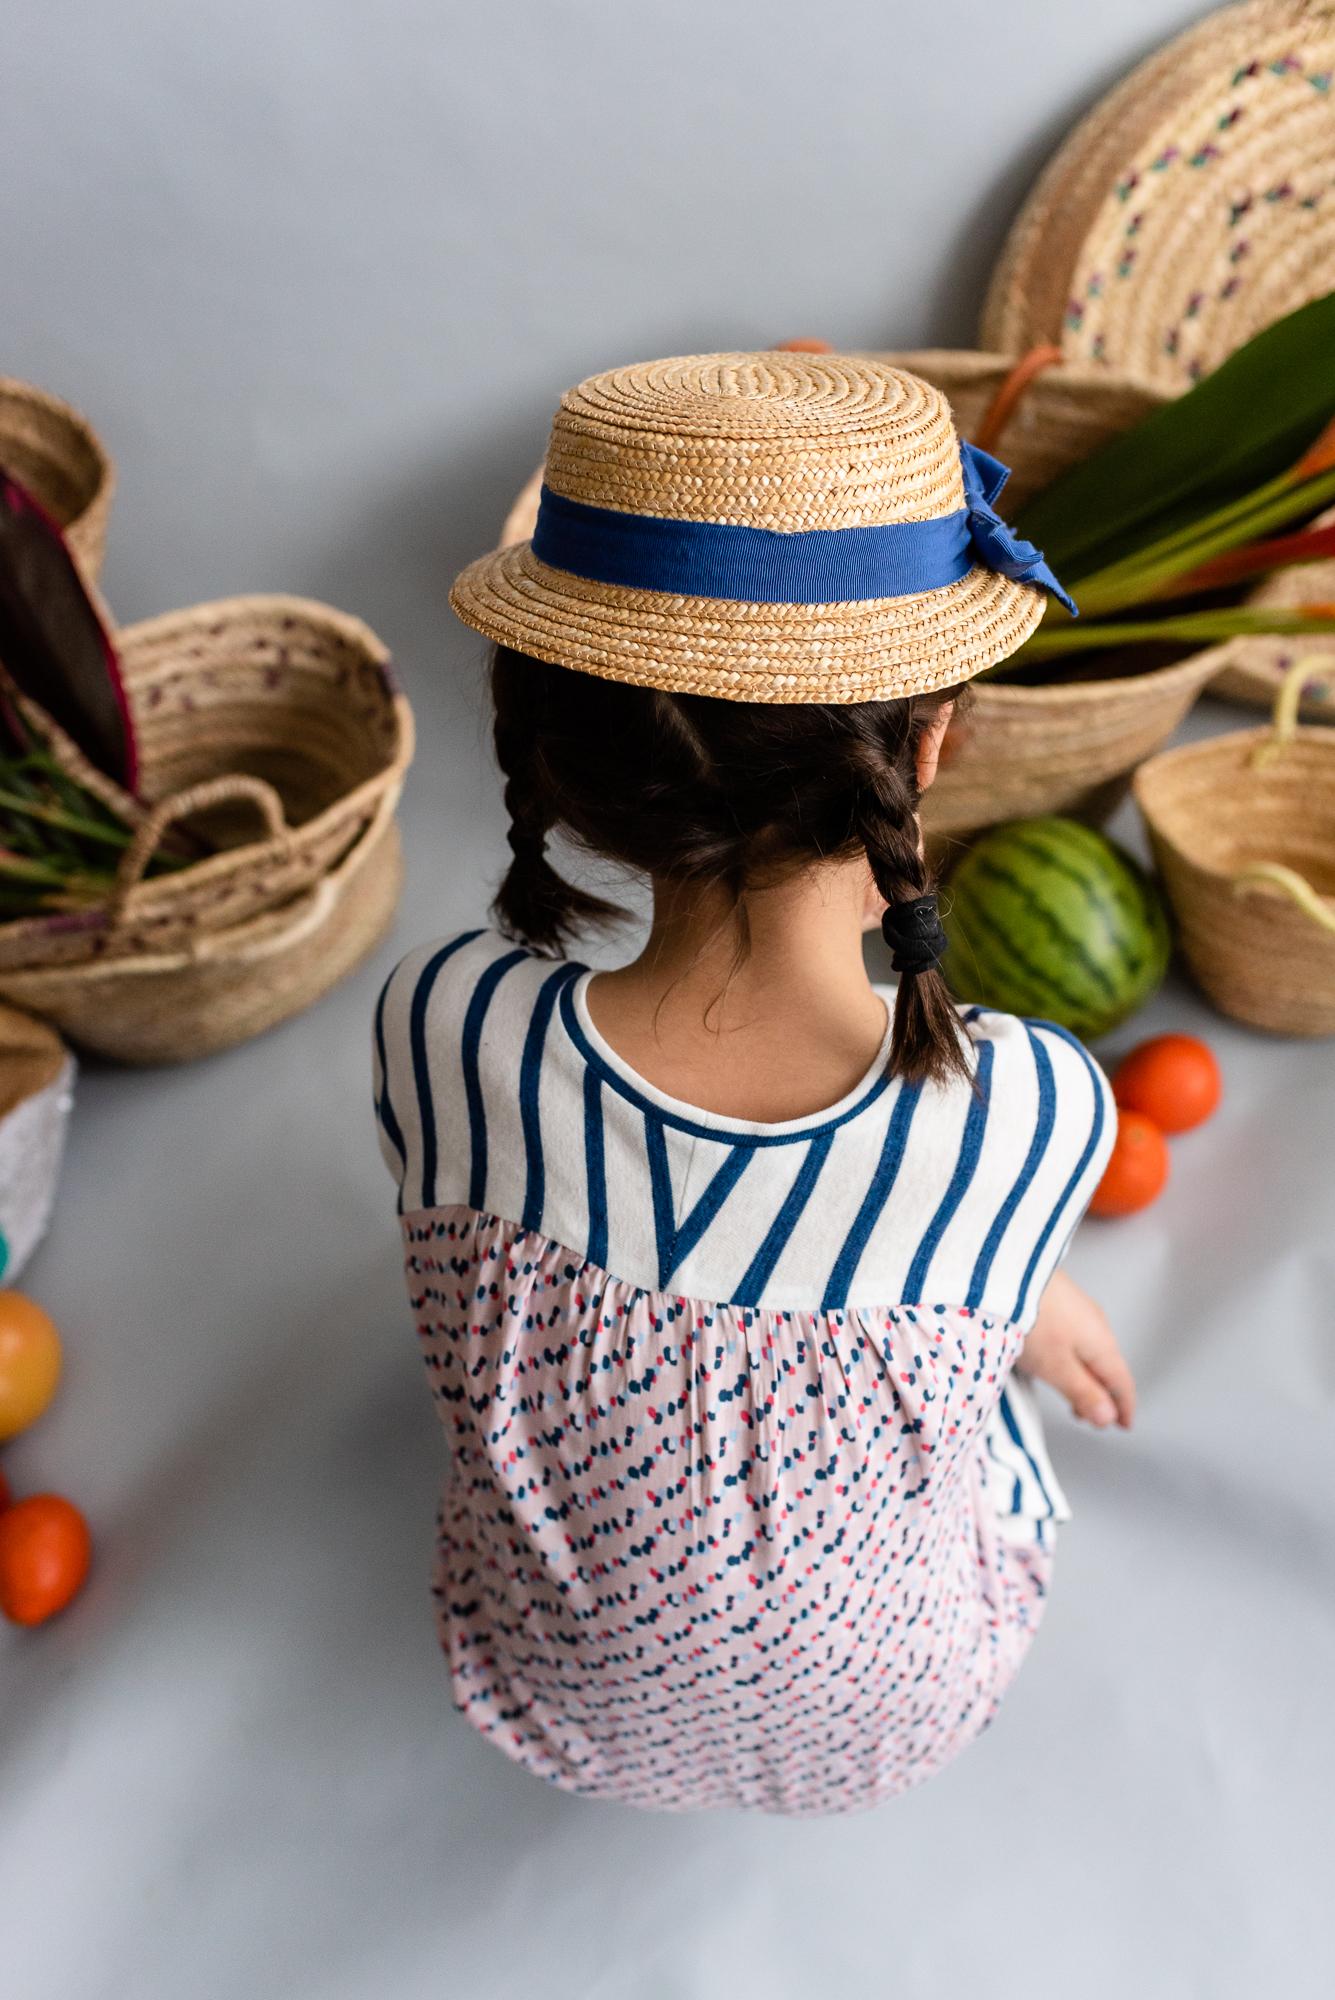 prp-kids=clothing-sewing-patterns19.jpg